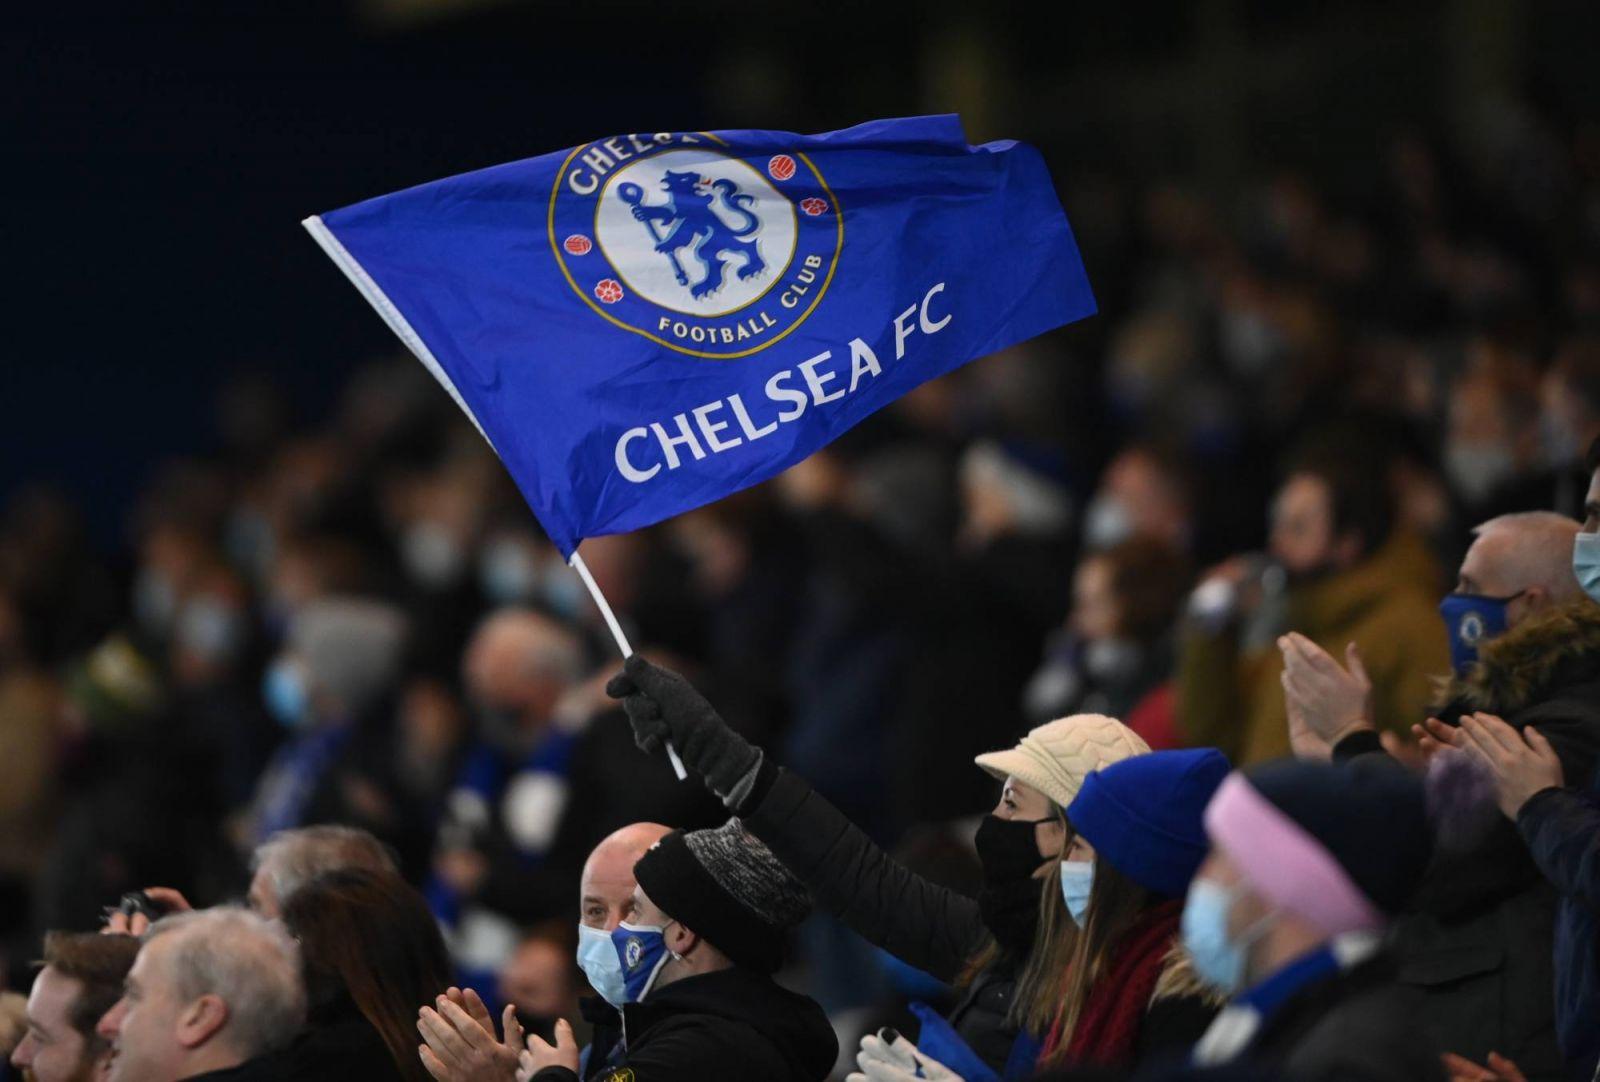 Dalam pertandingan yang berlangsung alot, Chelsea berhasil mengandaskan perlawanan Leicester City di ajang Piala FA. (foto: Reuters)